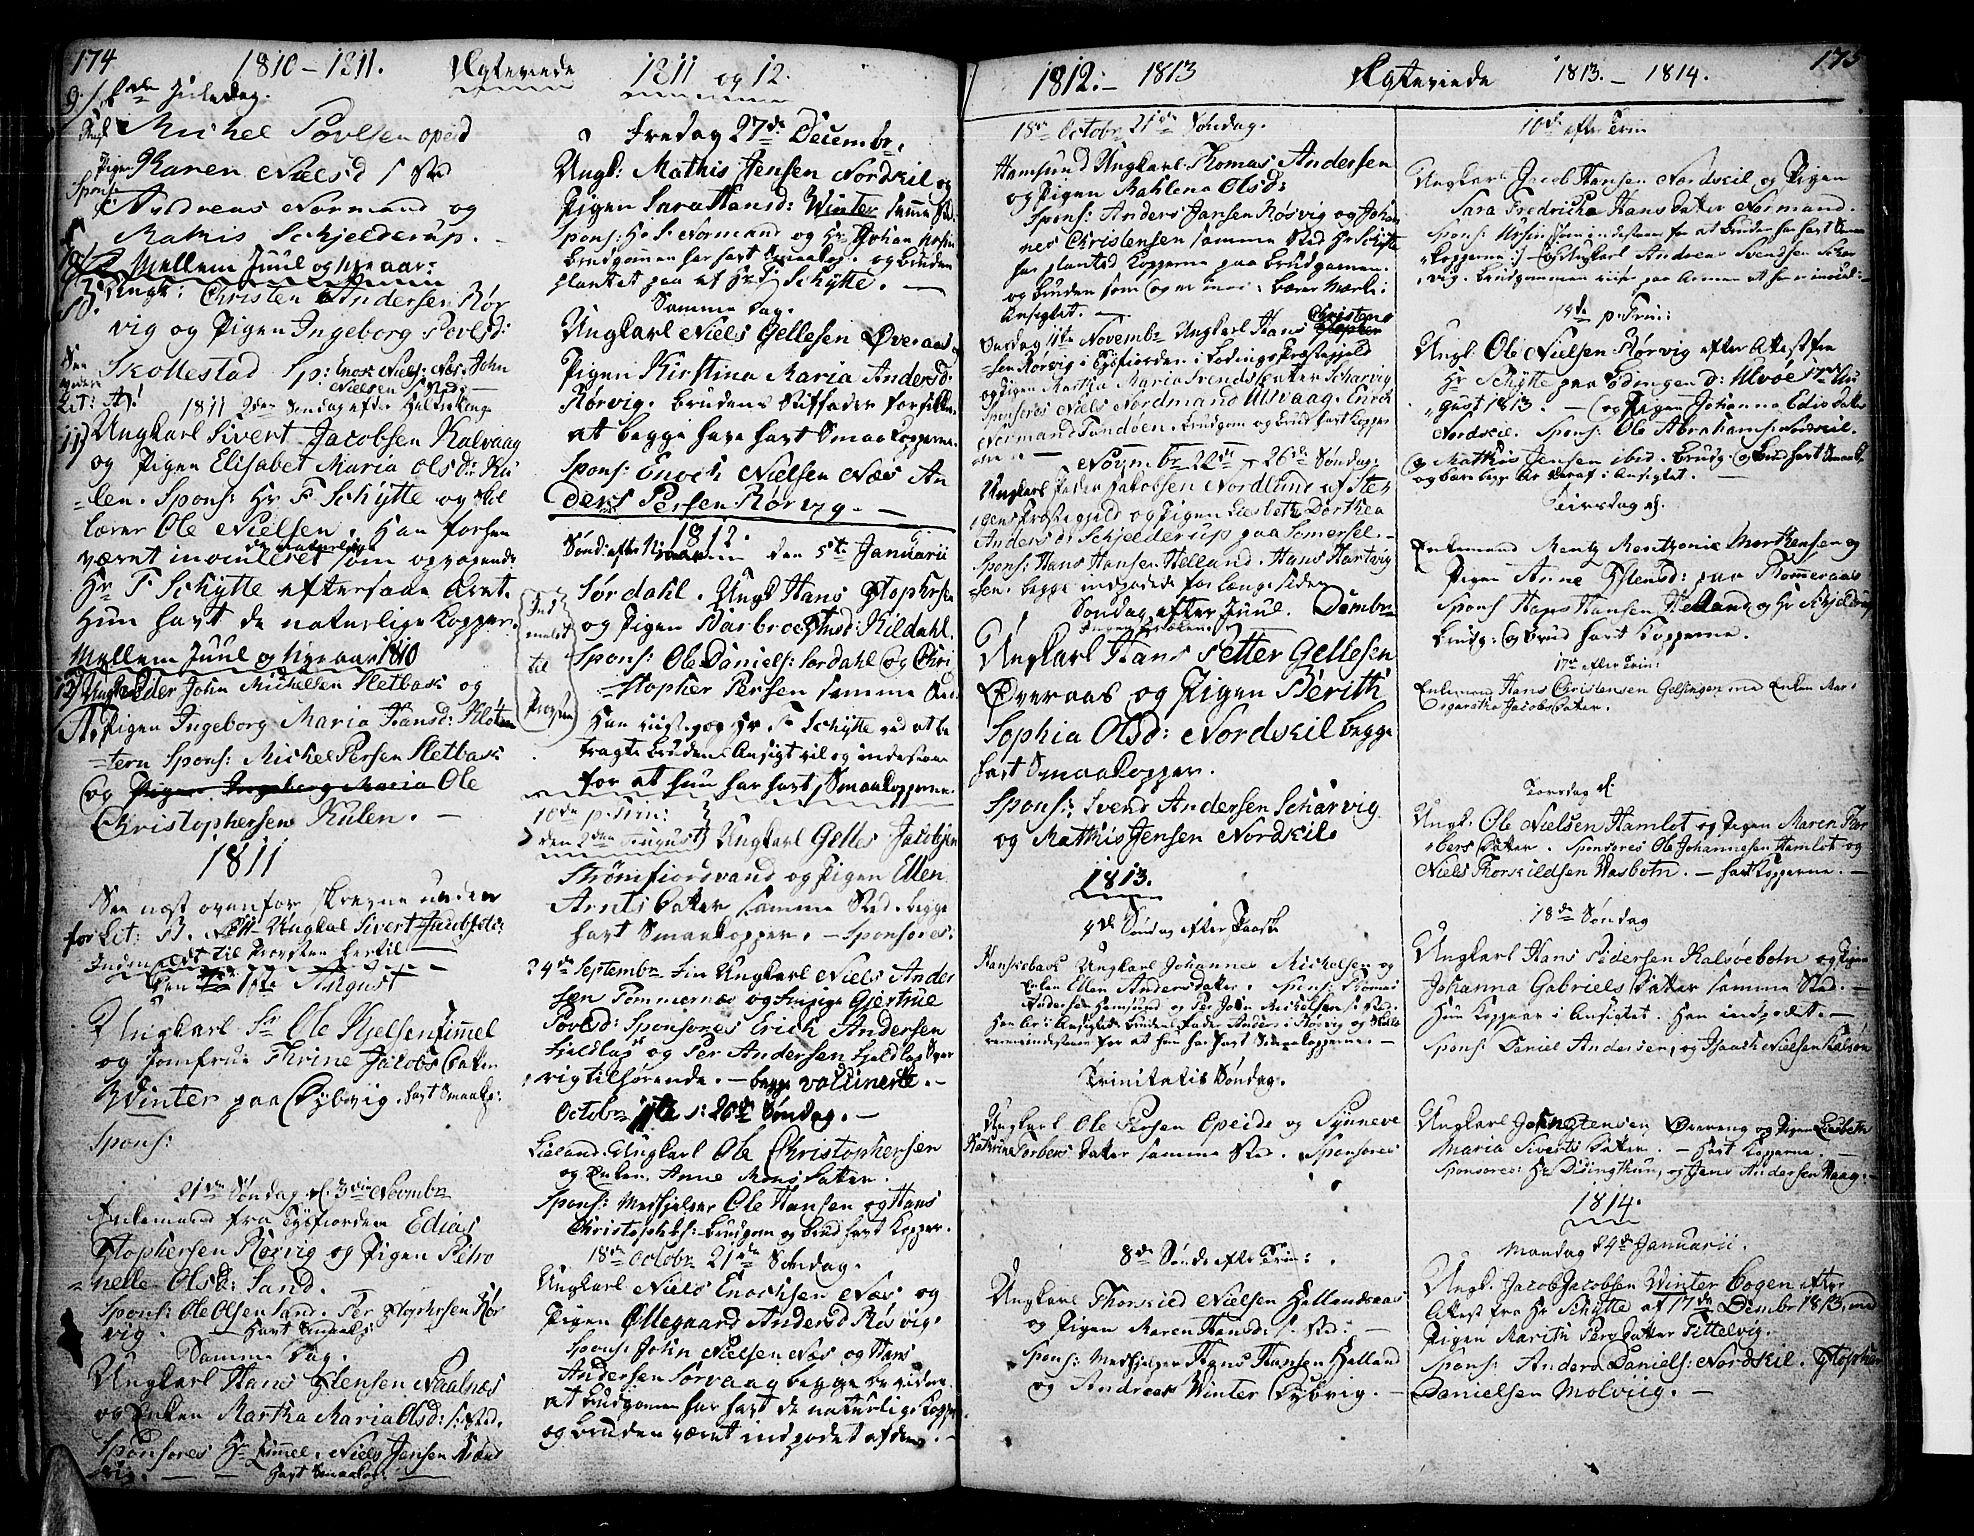 SAT, Ministerialprotokoller, klokkerbøker og fødselsregistre - Nordland, 859/L0841: Parish register (official) no. 859A01, 1766-1821, p. 174-175